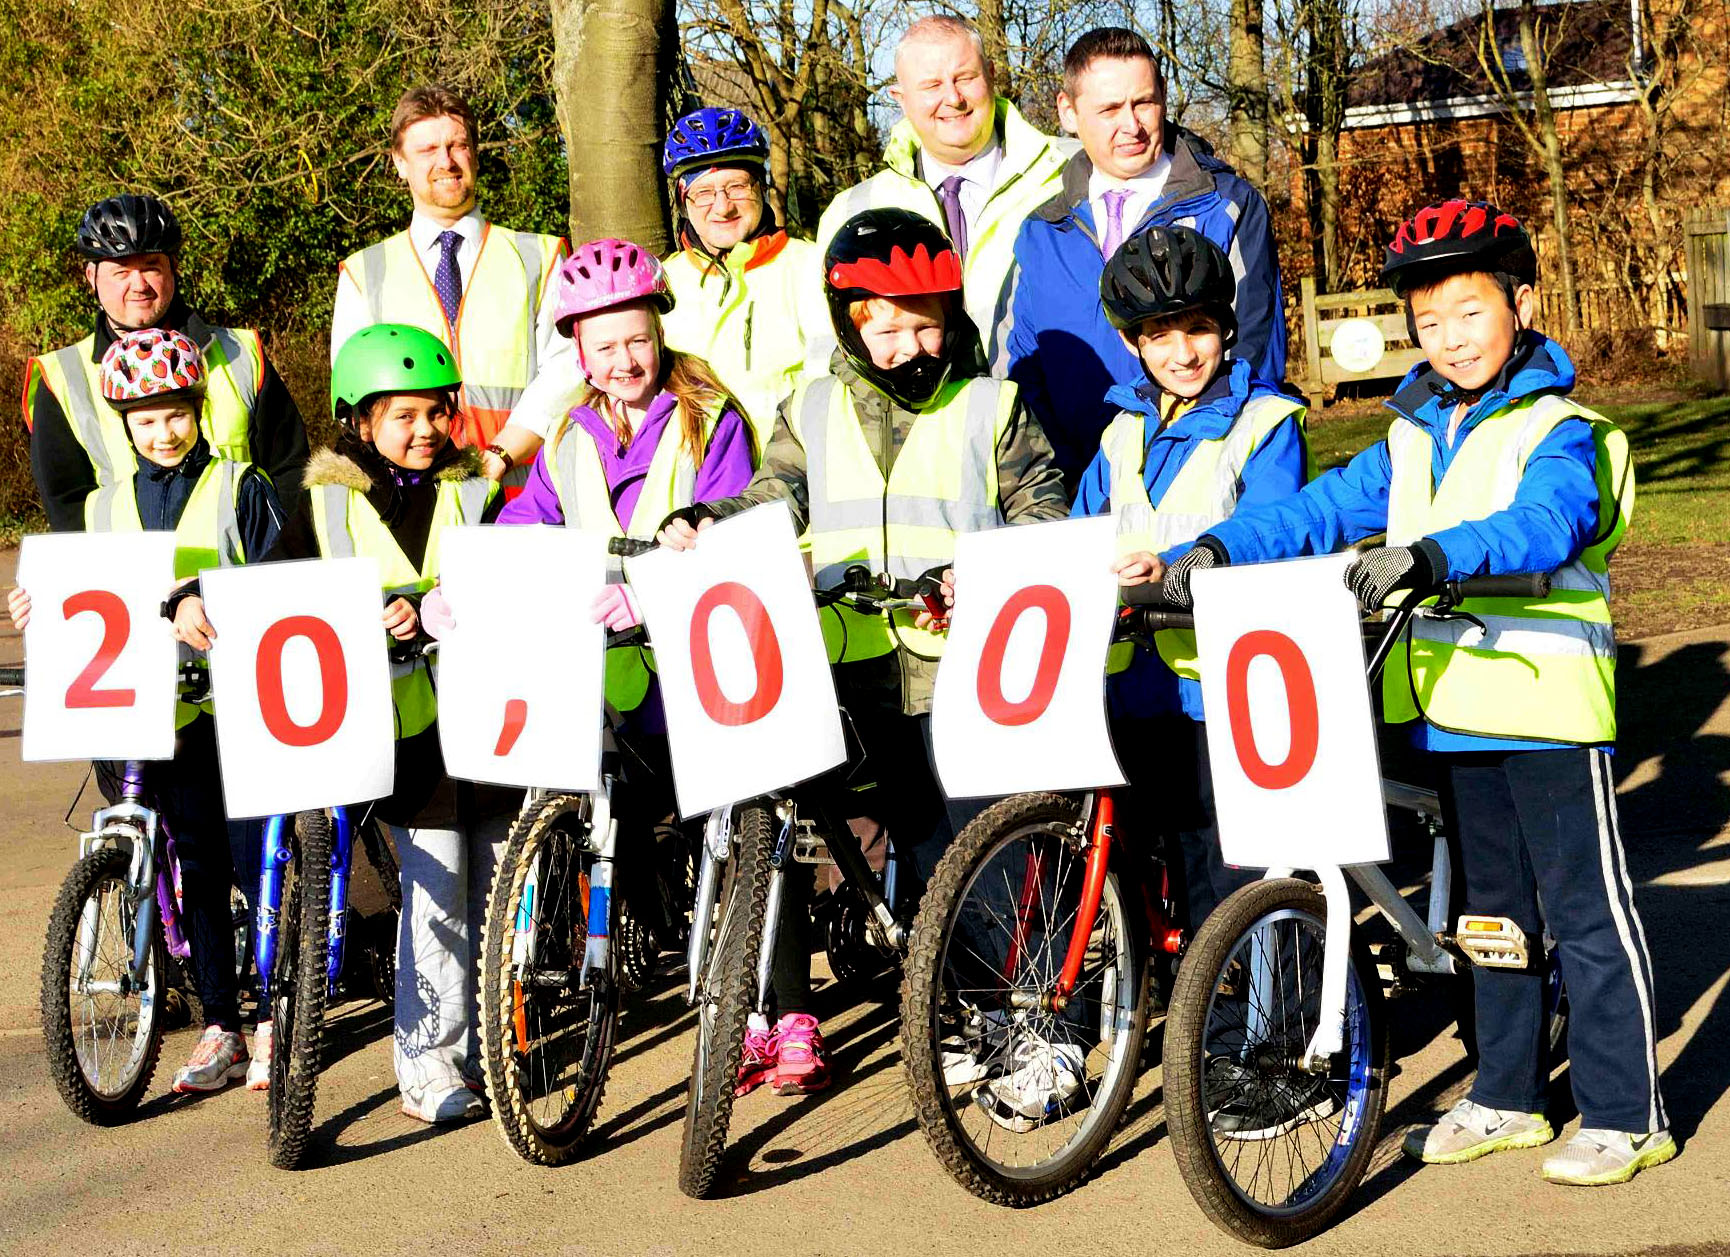 20,000 Schoolchildren Benefit from Bikeability Training